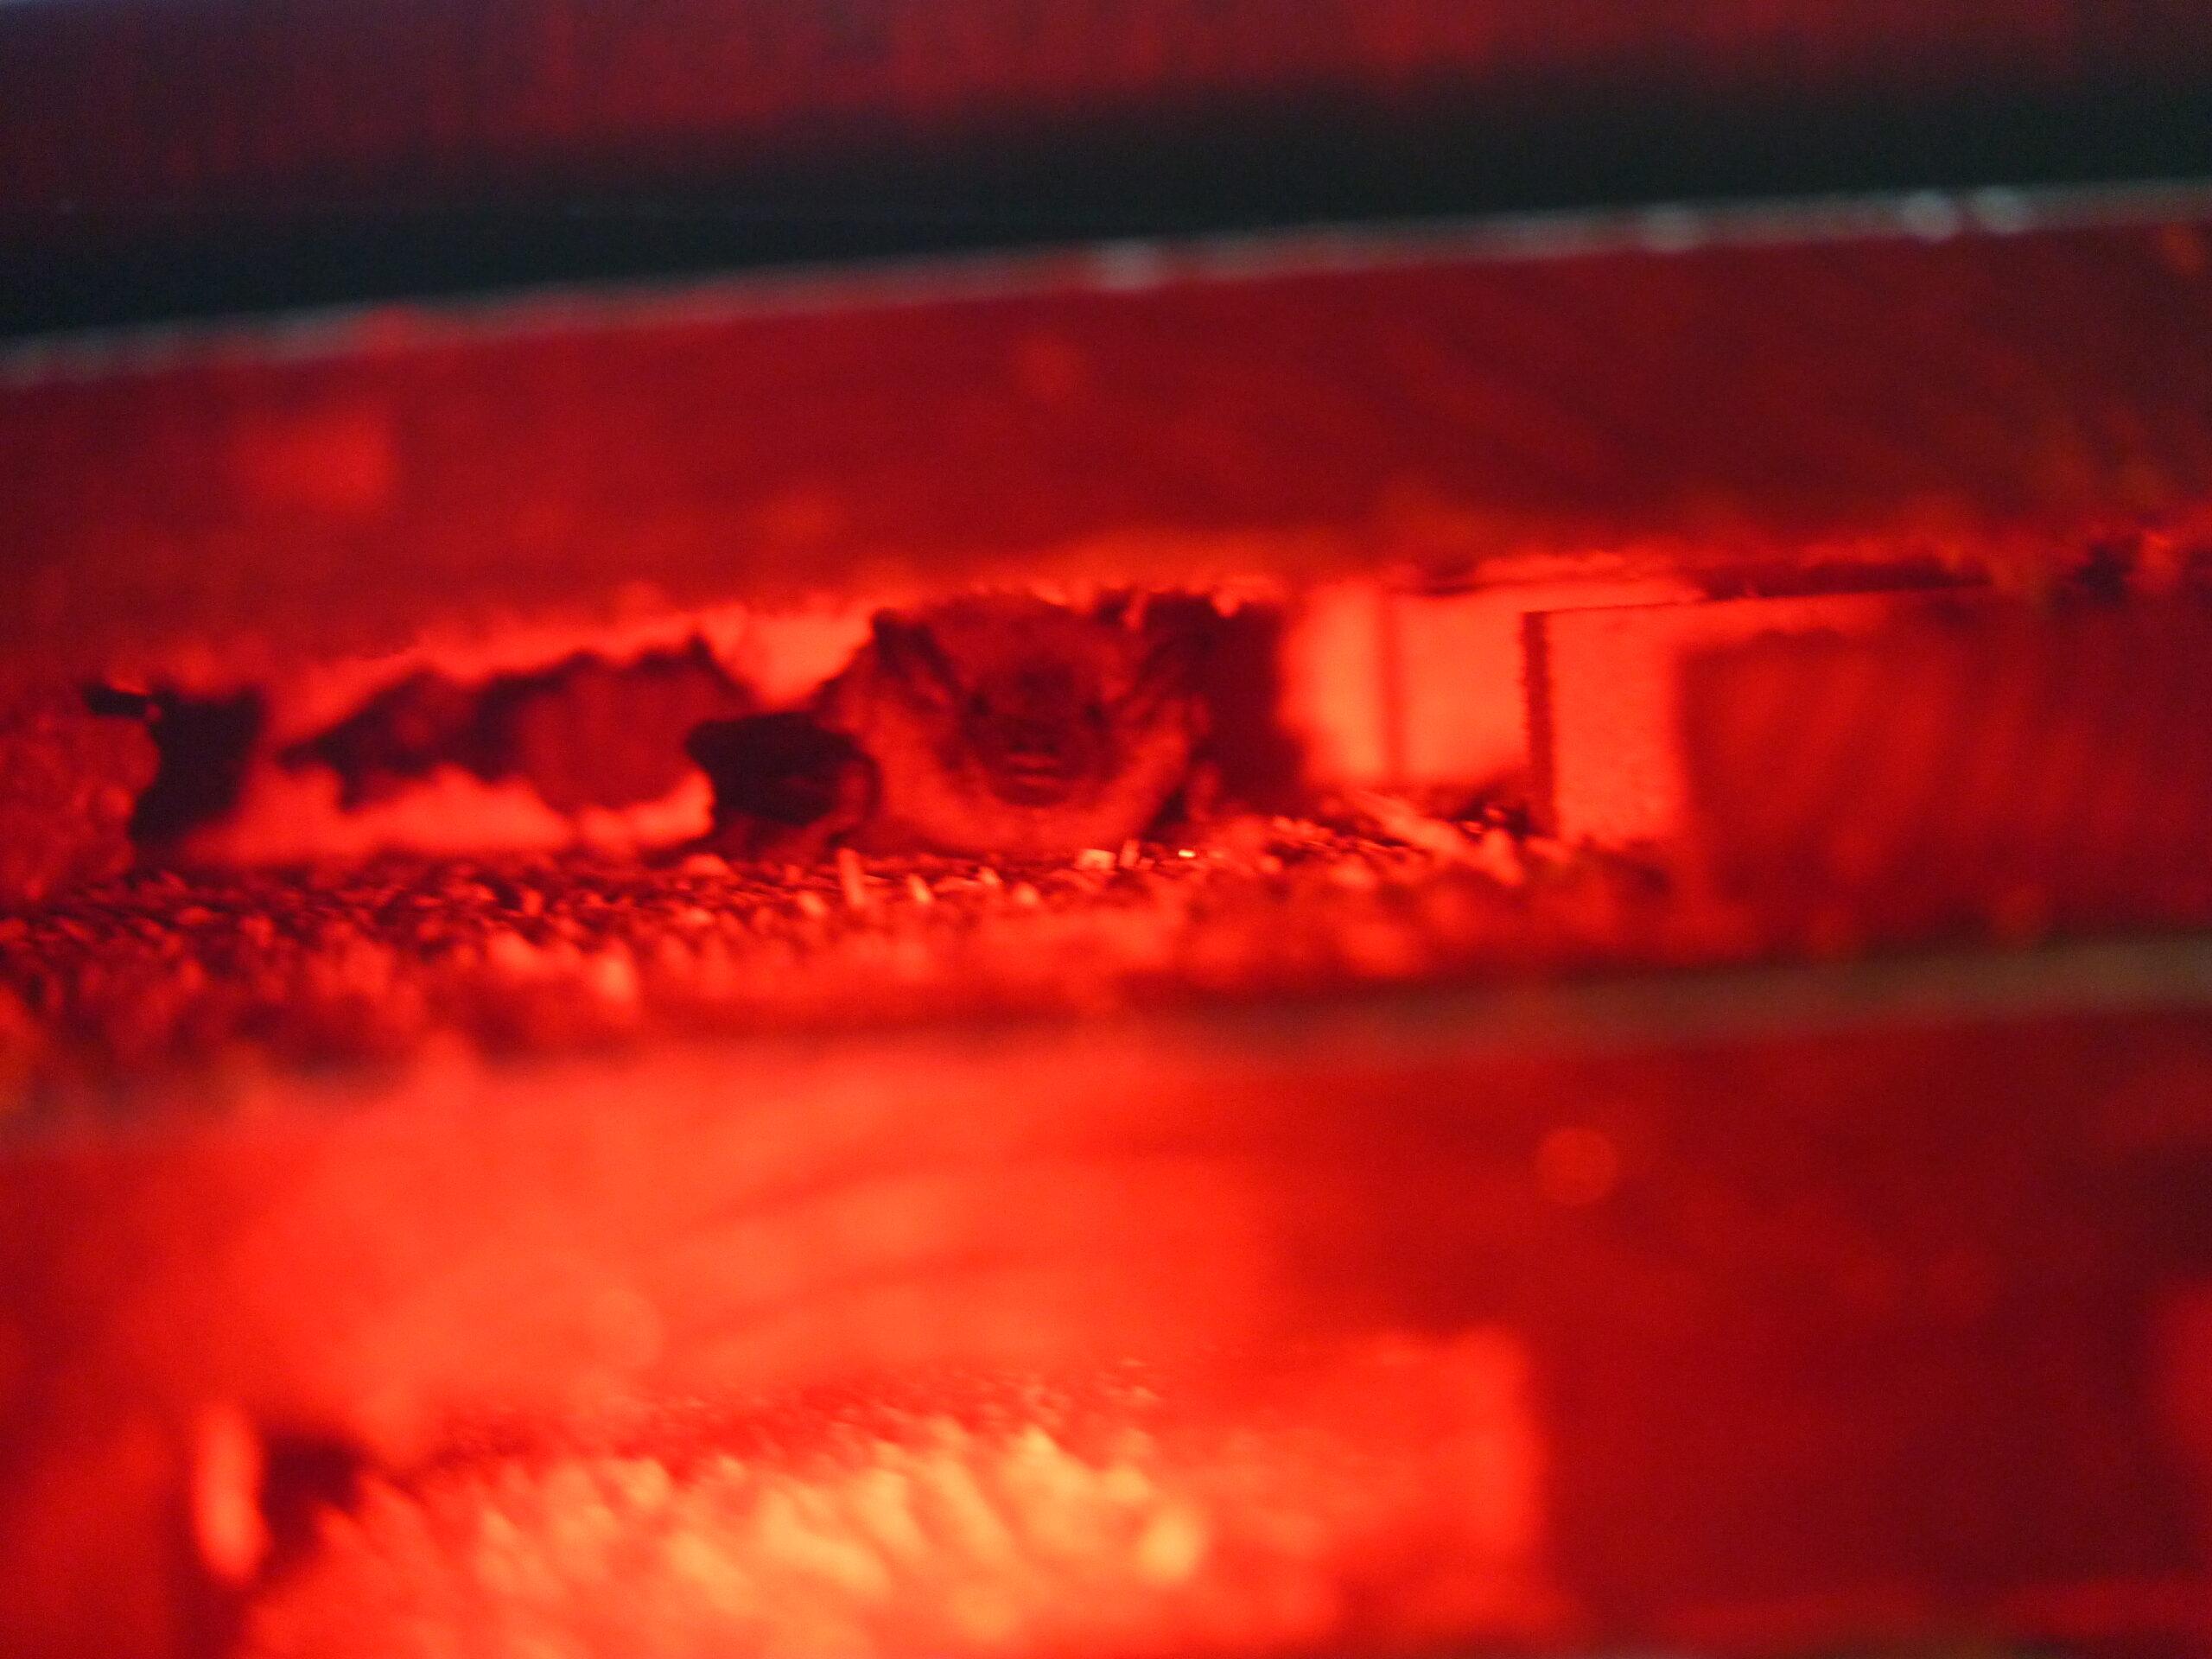 An Allstar Ecology bat box at work (A Big Brown bat shown inside)